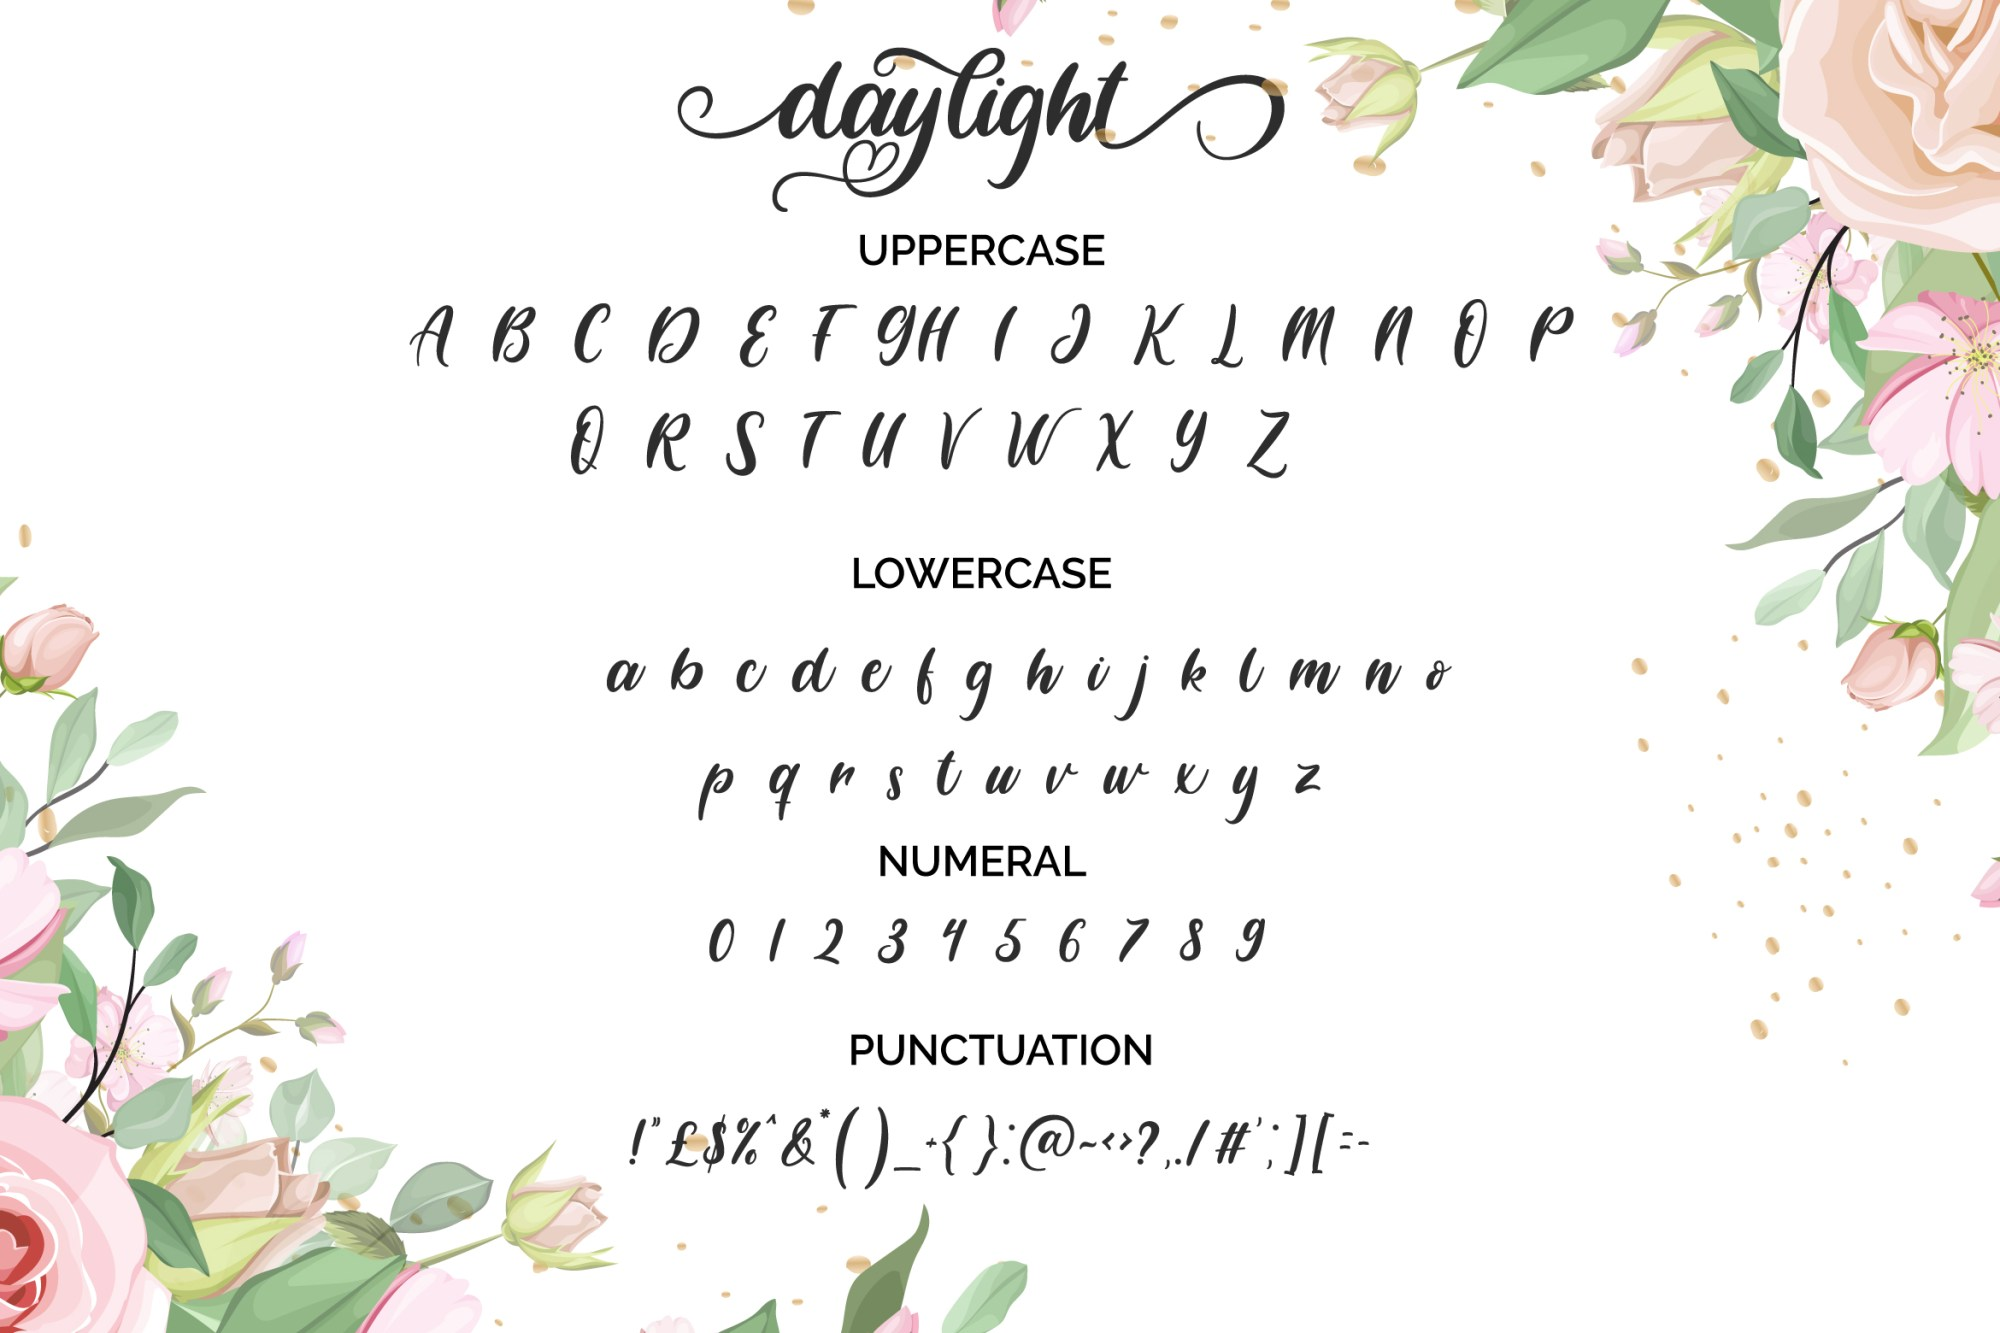 Daylight-Sweet-Font-3